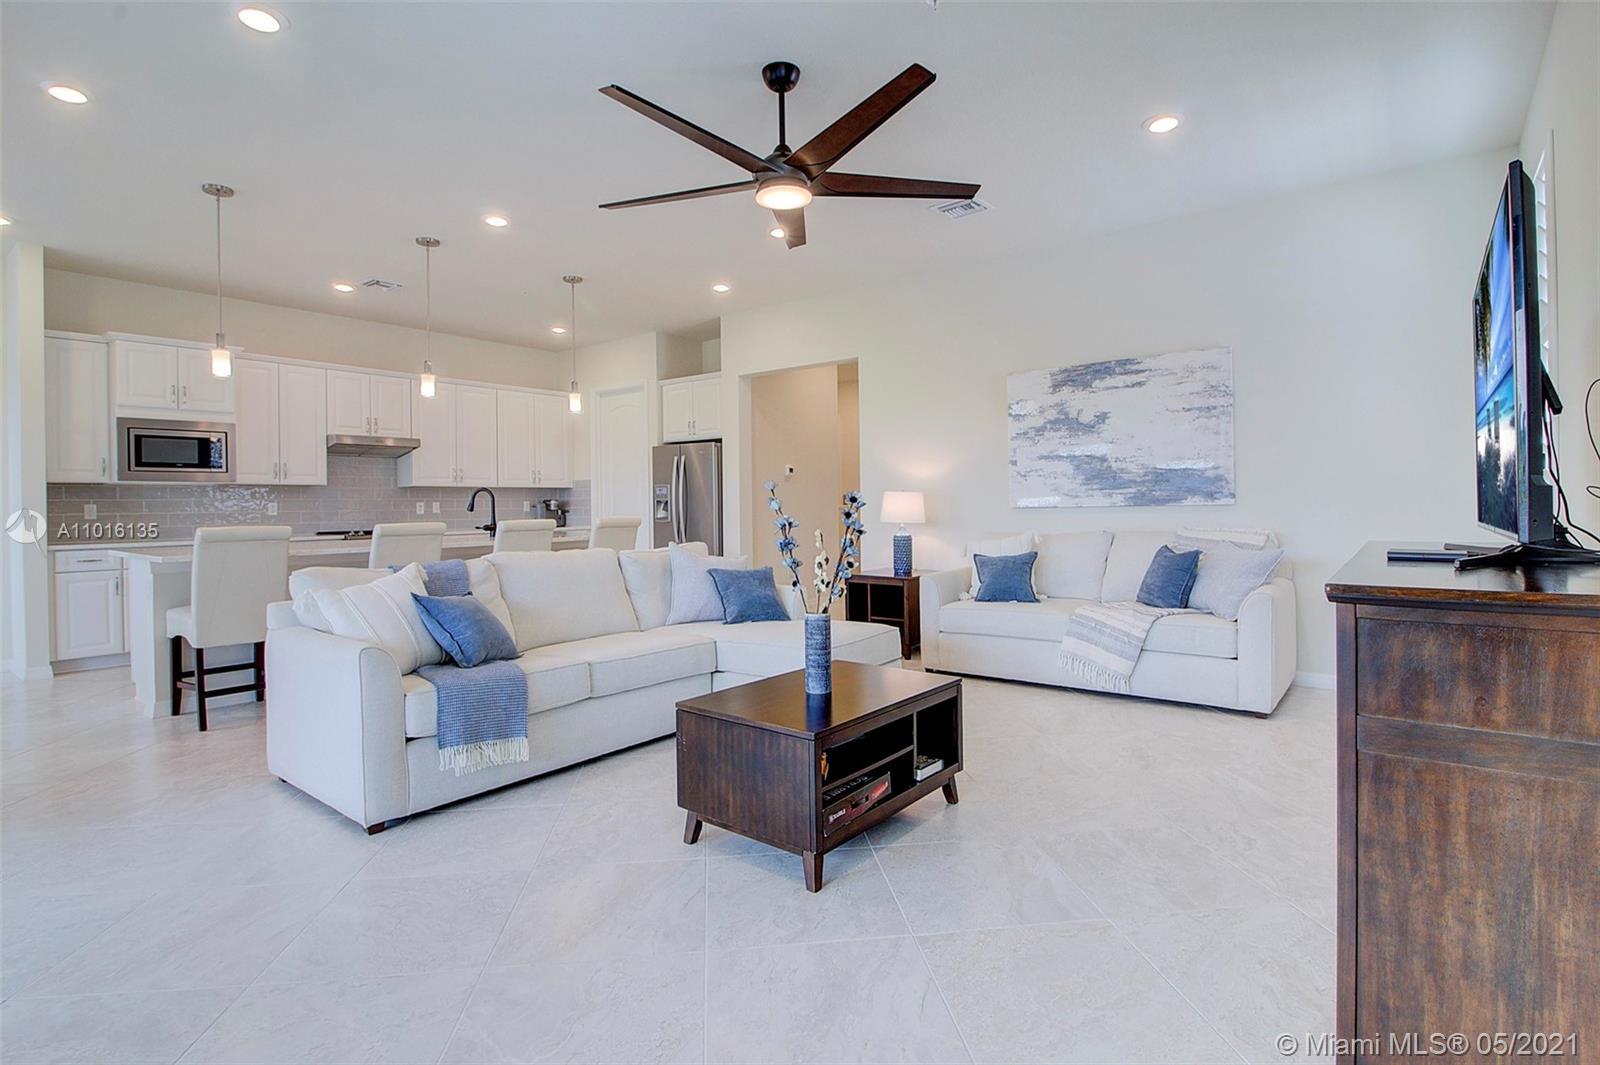 Luxurious 55+ Boca Flores. Desirable Westgate model features 3 bedrooms +Flex Room, 2.5 baths, 2 car